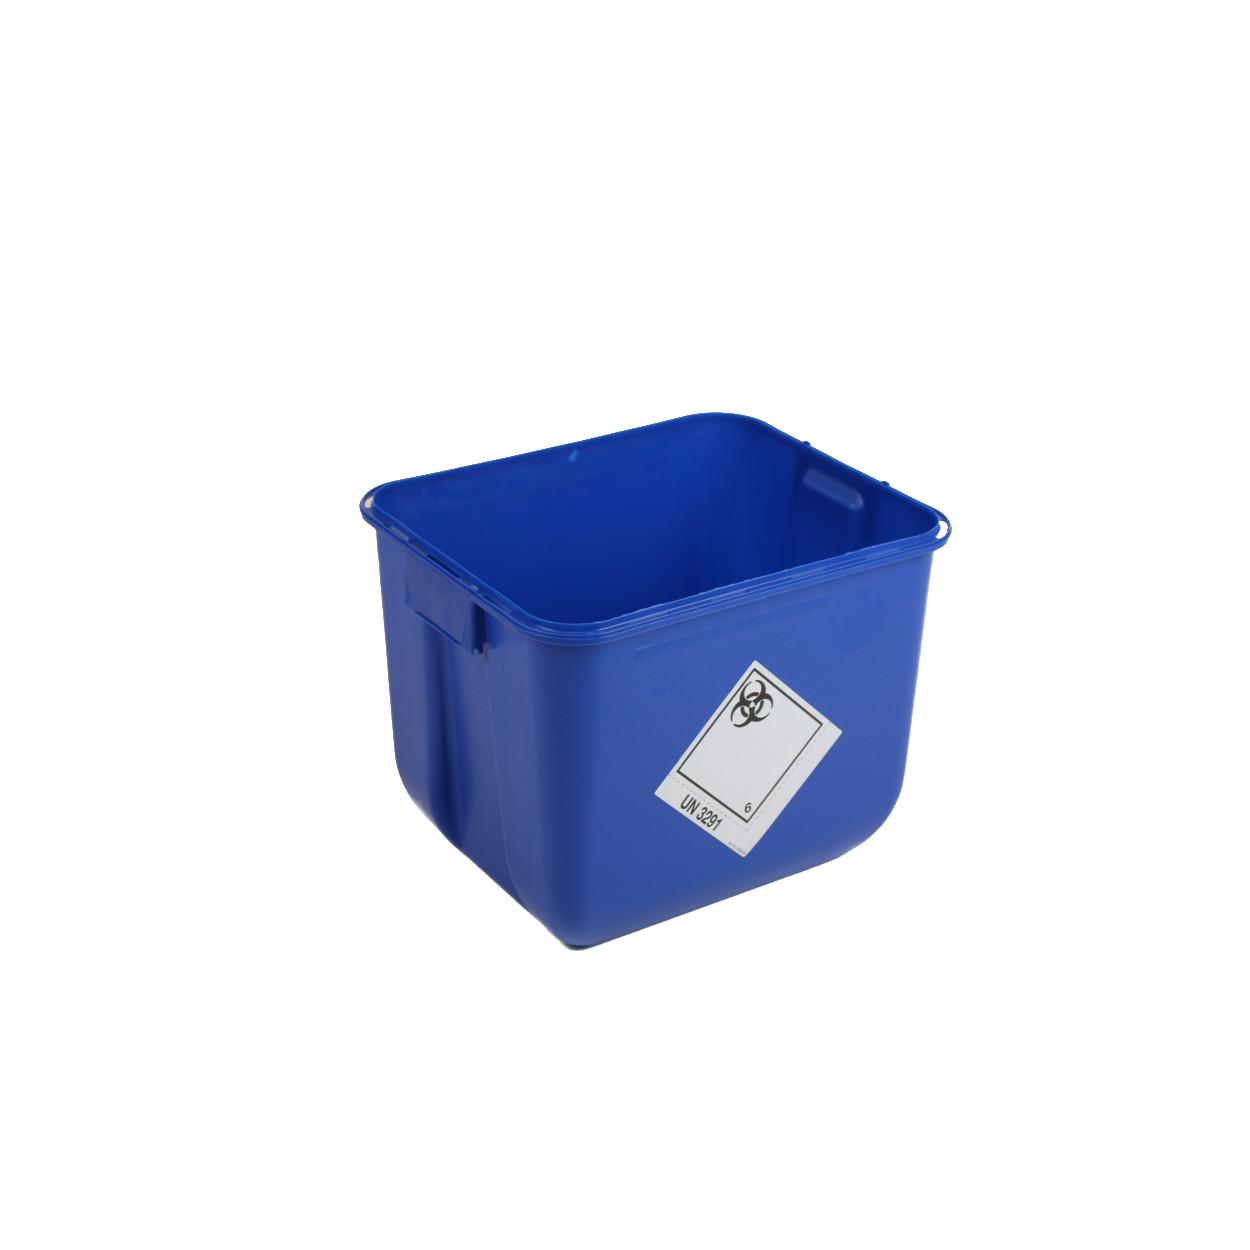 Nádoba na biologický odpad - 30 l